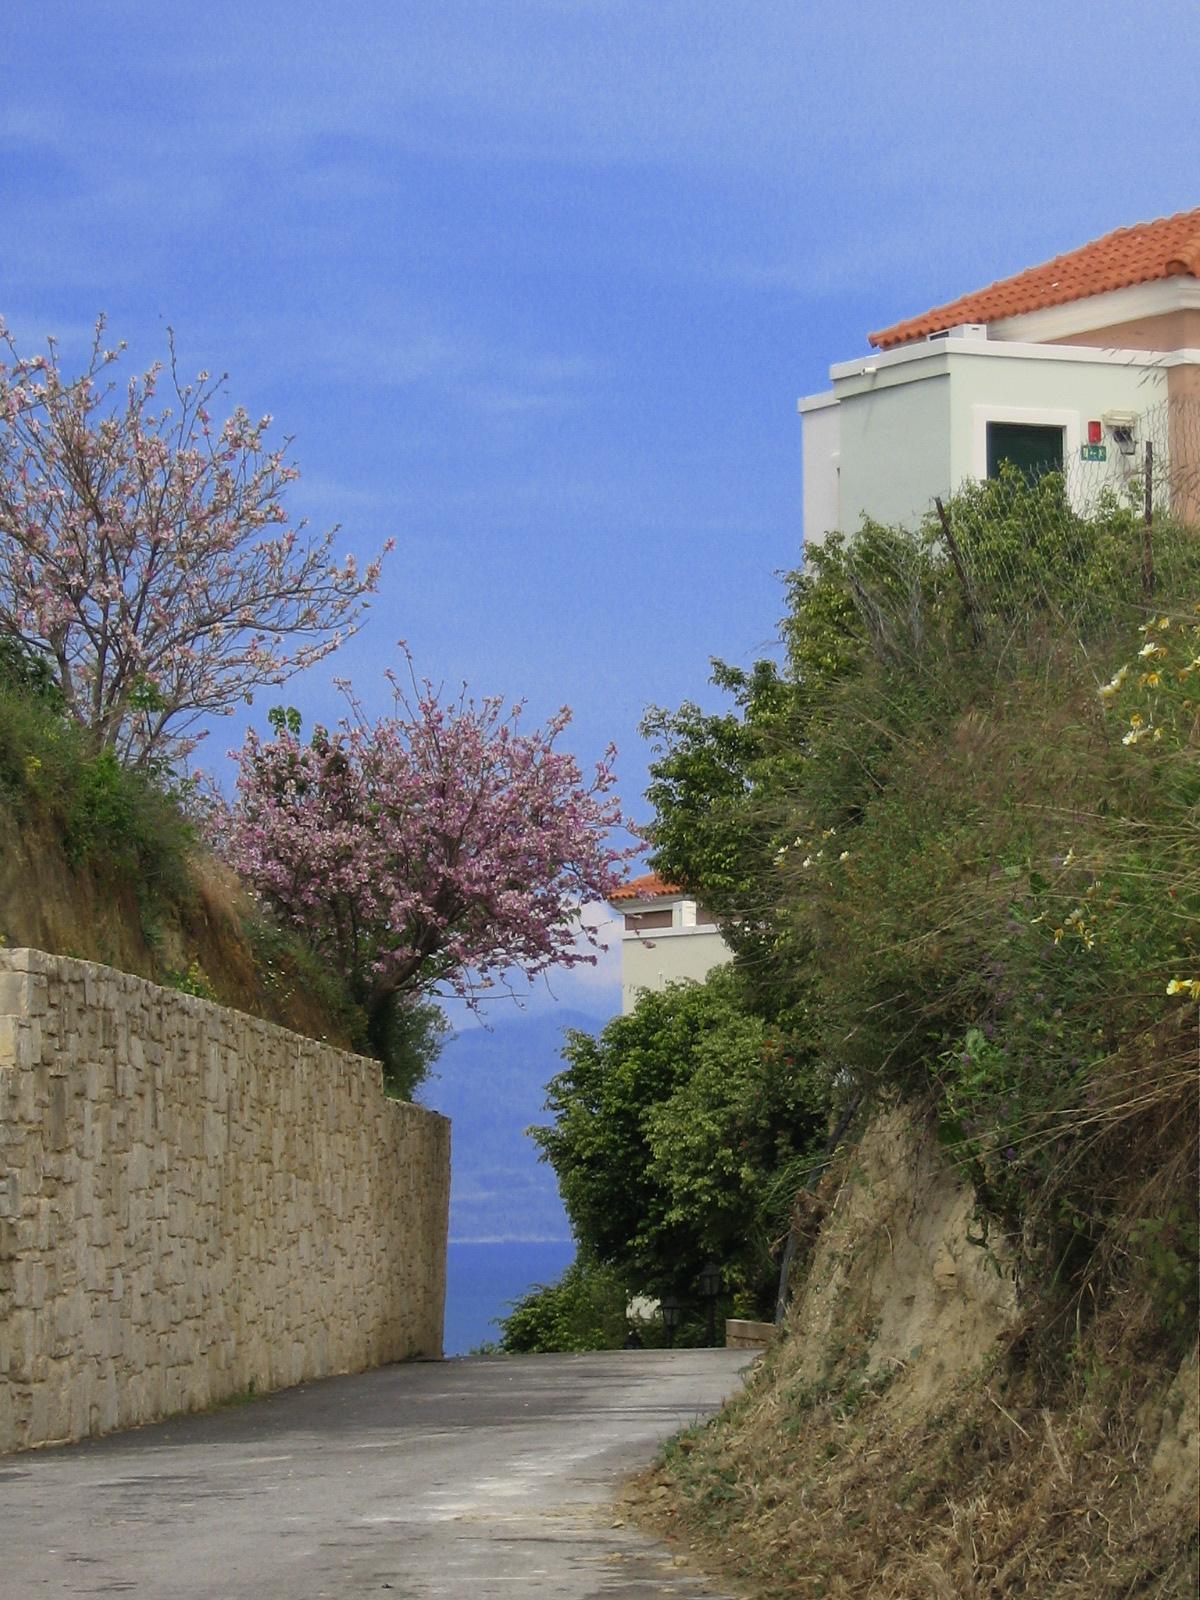 Vacker vy från en av mina långpromenader i Platanias